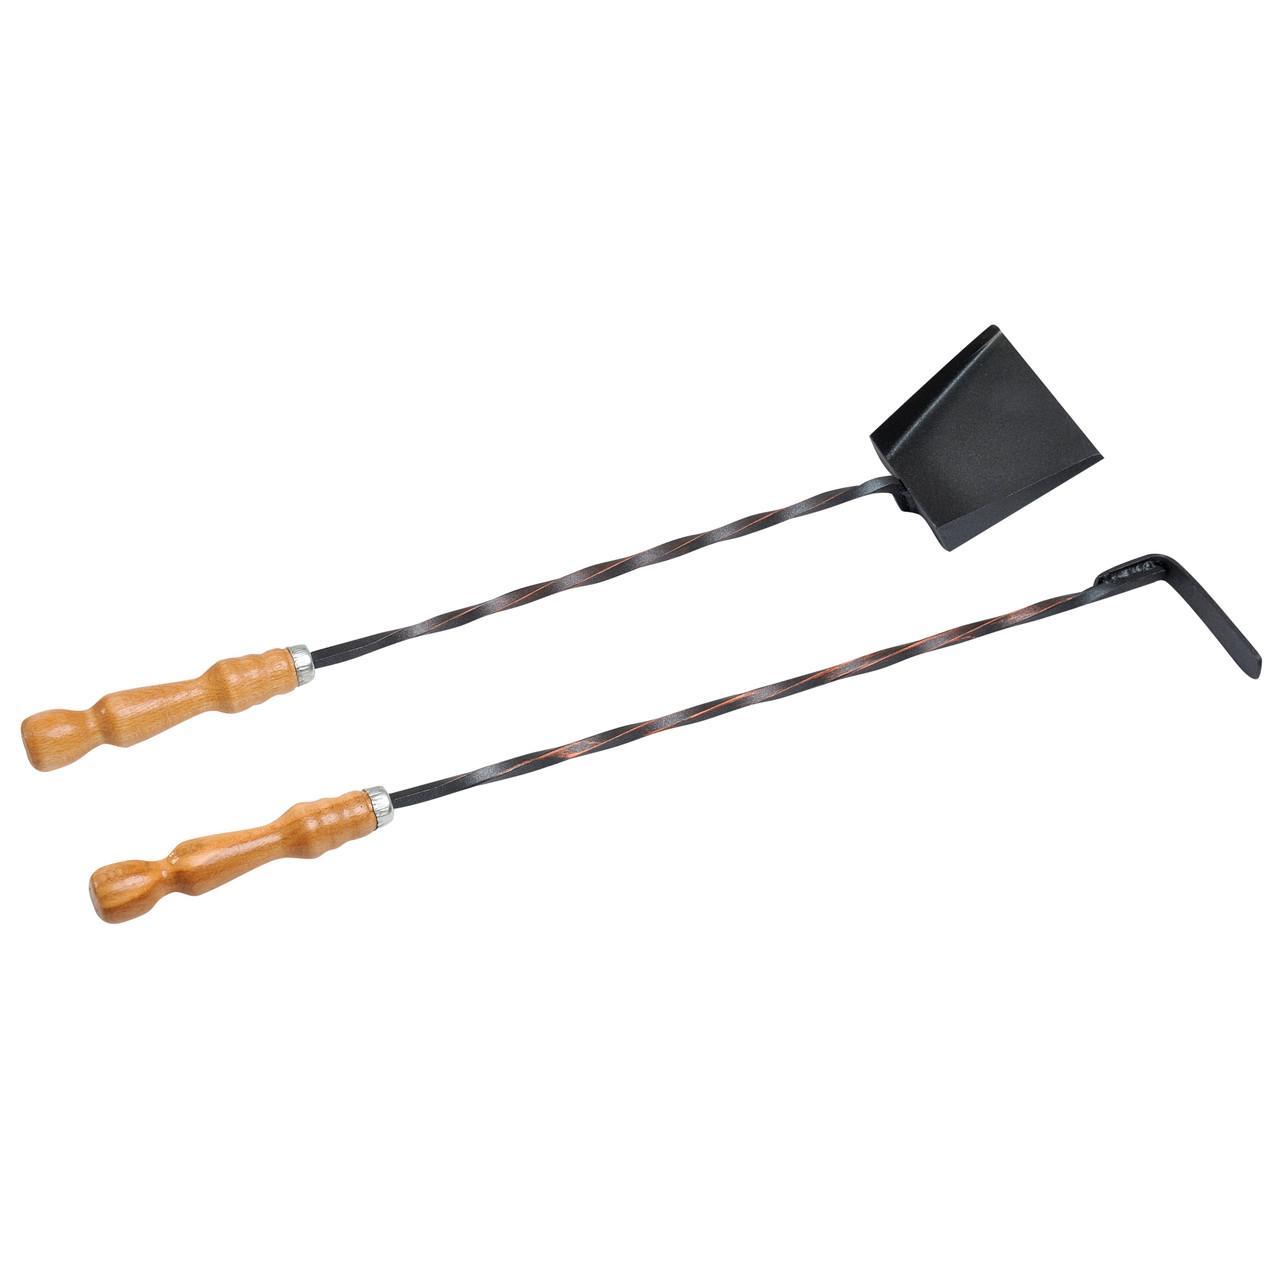 Совок и кочерга с деревянной ручкой Витой прут для камина/ мангала/ печи